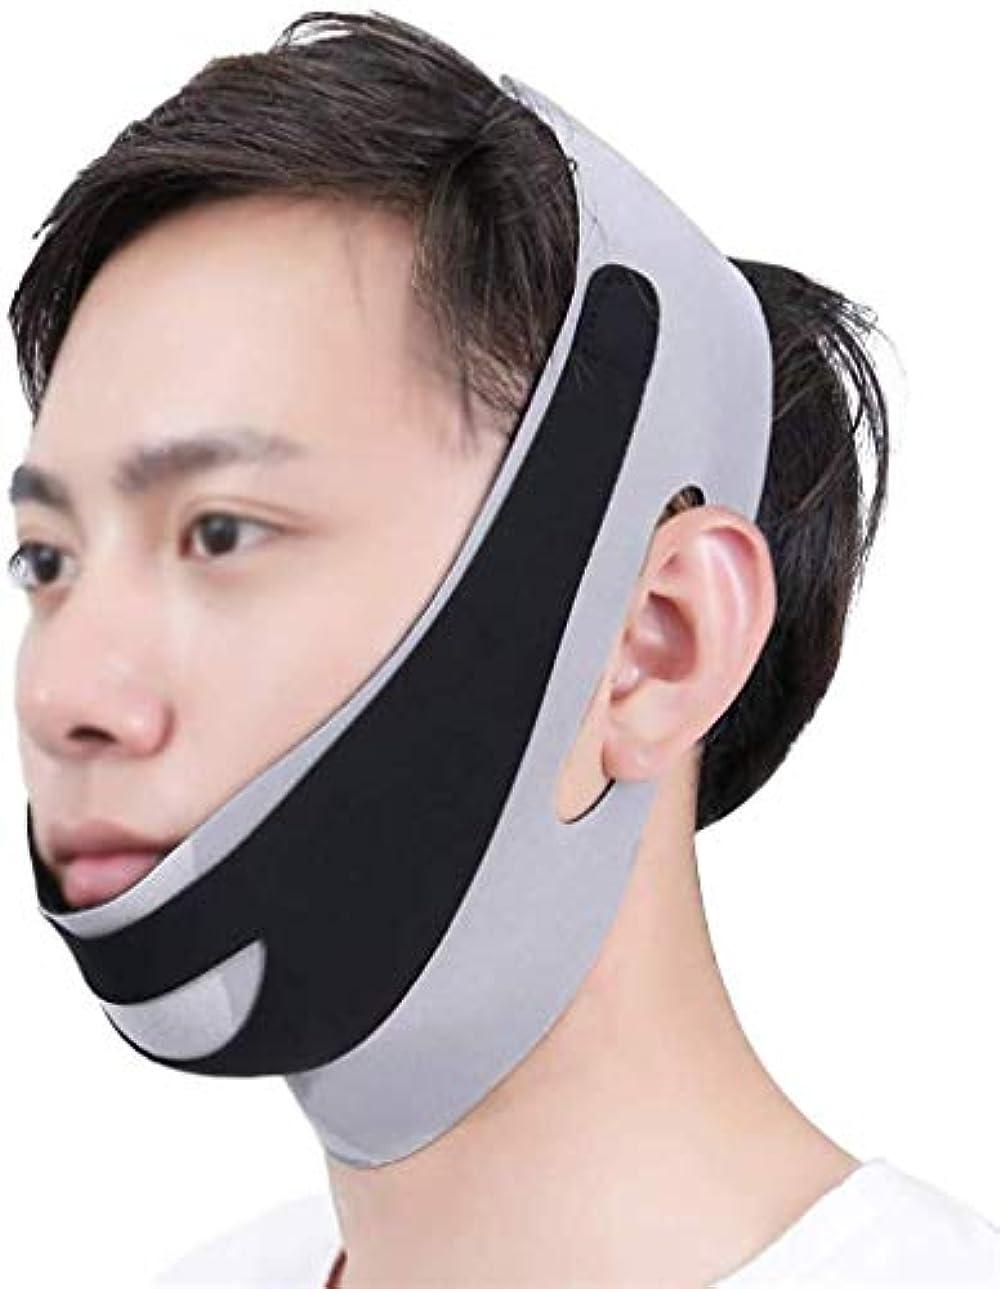 電池王朝発掘美しさと実用的な顔と首のリフト術後の弾性フェイスマスク小さなV顔アーティファクト薄い顔包帯アーティファクトV顔ぶら下げ耳リフティング引き締め男性の顔アーティファクト